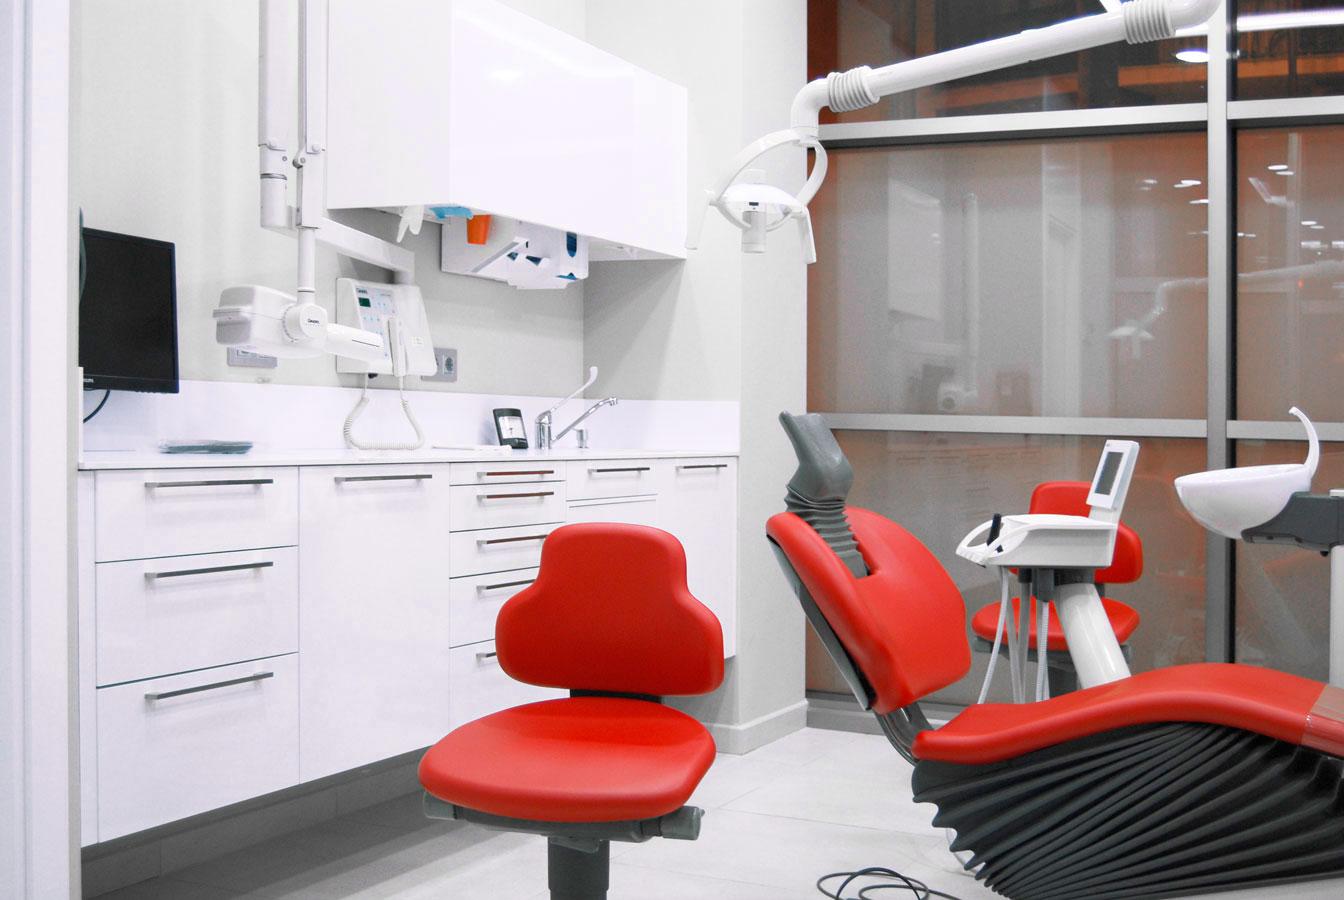 Cl nica dental en mallorca mediss mobiliario cl nico - Muebles baratos palma de mallorca ...